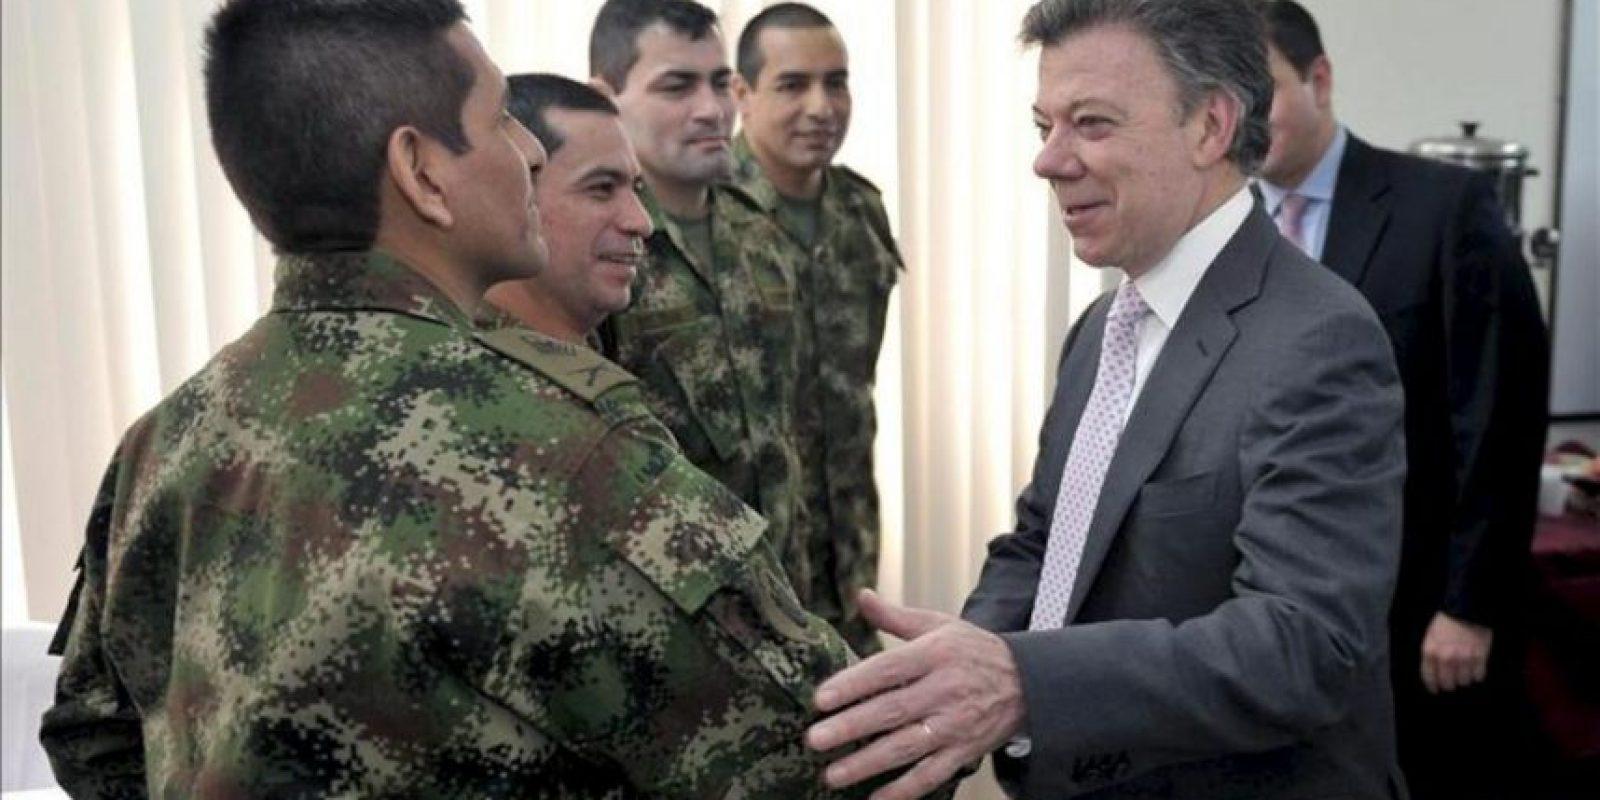 El presidente de Colombia, Juan Manuel Santos (d), saluda a los militares Luis Alfredo Moreno (i), Luis Arturo Arcía (2 i), Luis Alfonso Beltrán Franco (3 i) y Robinson Salcedo Guarín (2 d), quienes fueron liberados por las FARC junto a seis policías este lunes, tras años de cautiverio. EFE